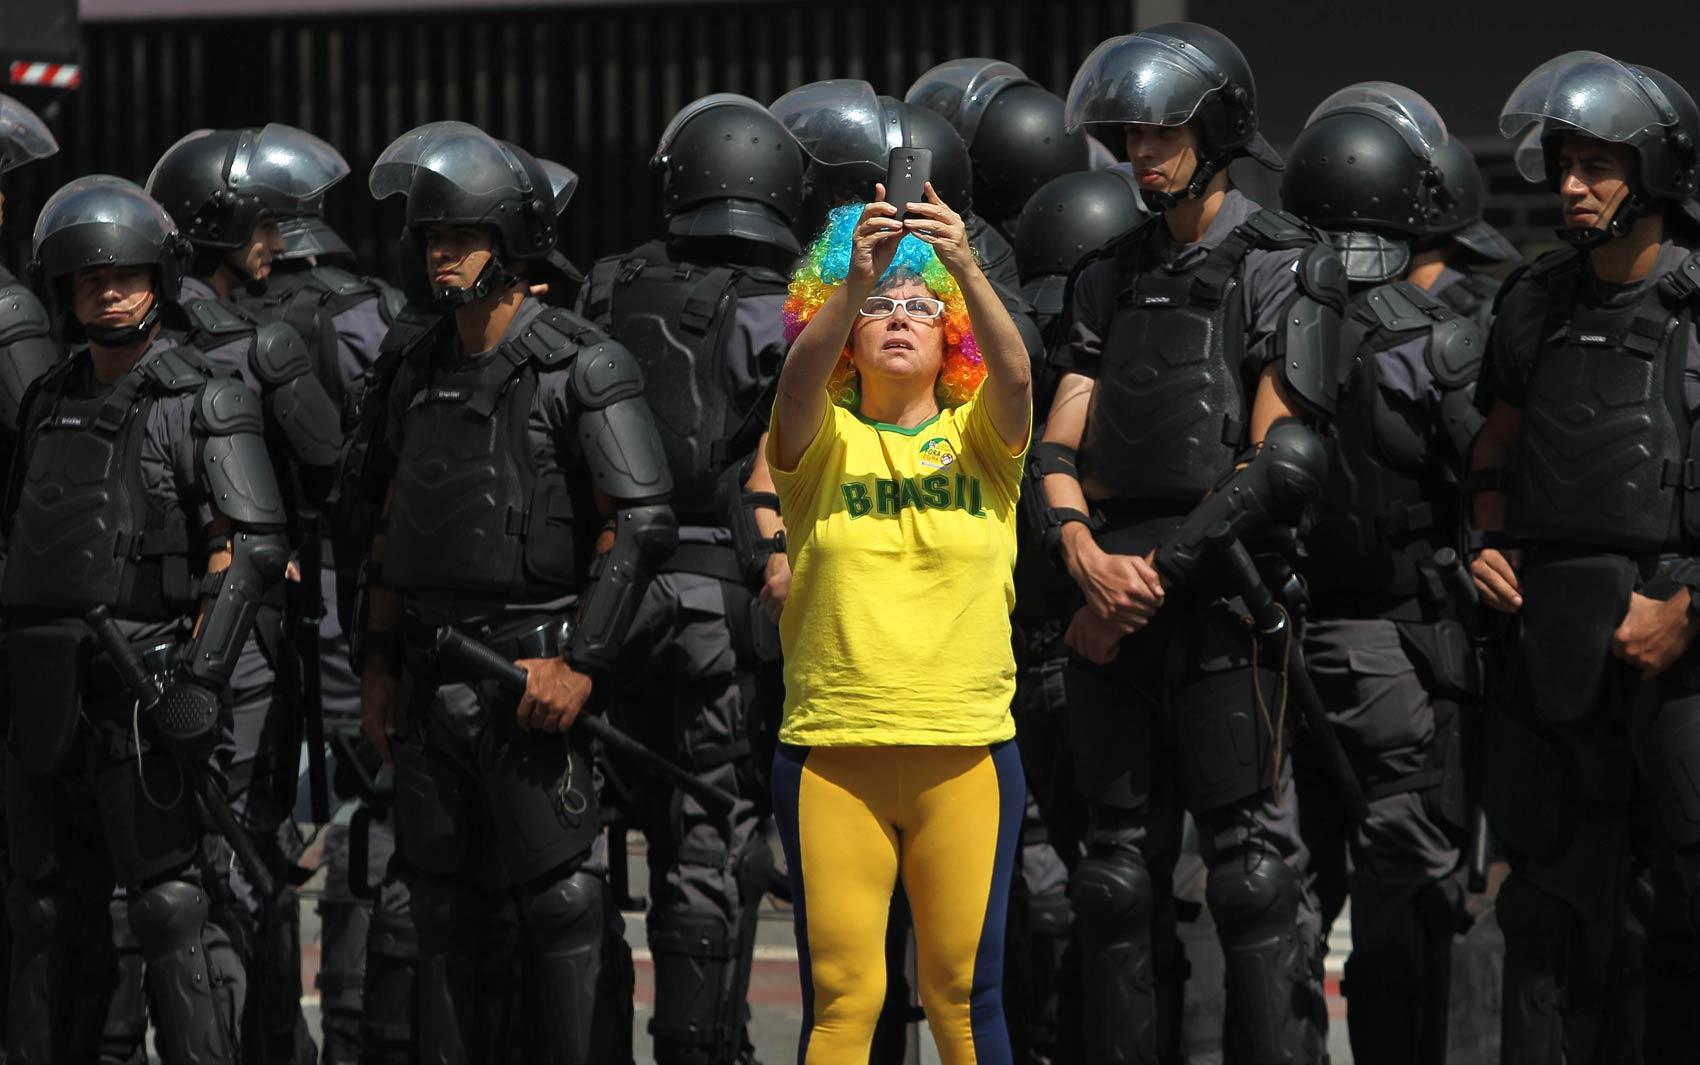 Manifestante tira selfie com policiais da Tropa de Choque durante o ato contra o governo federal e a favor do impeachment da Presidente Dilma Rousseff, realizado na Avenida Paulista, em São Paulo